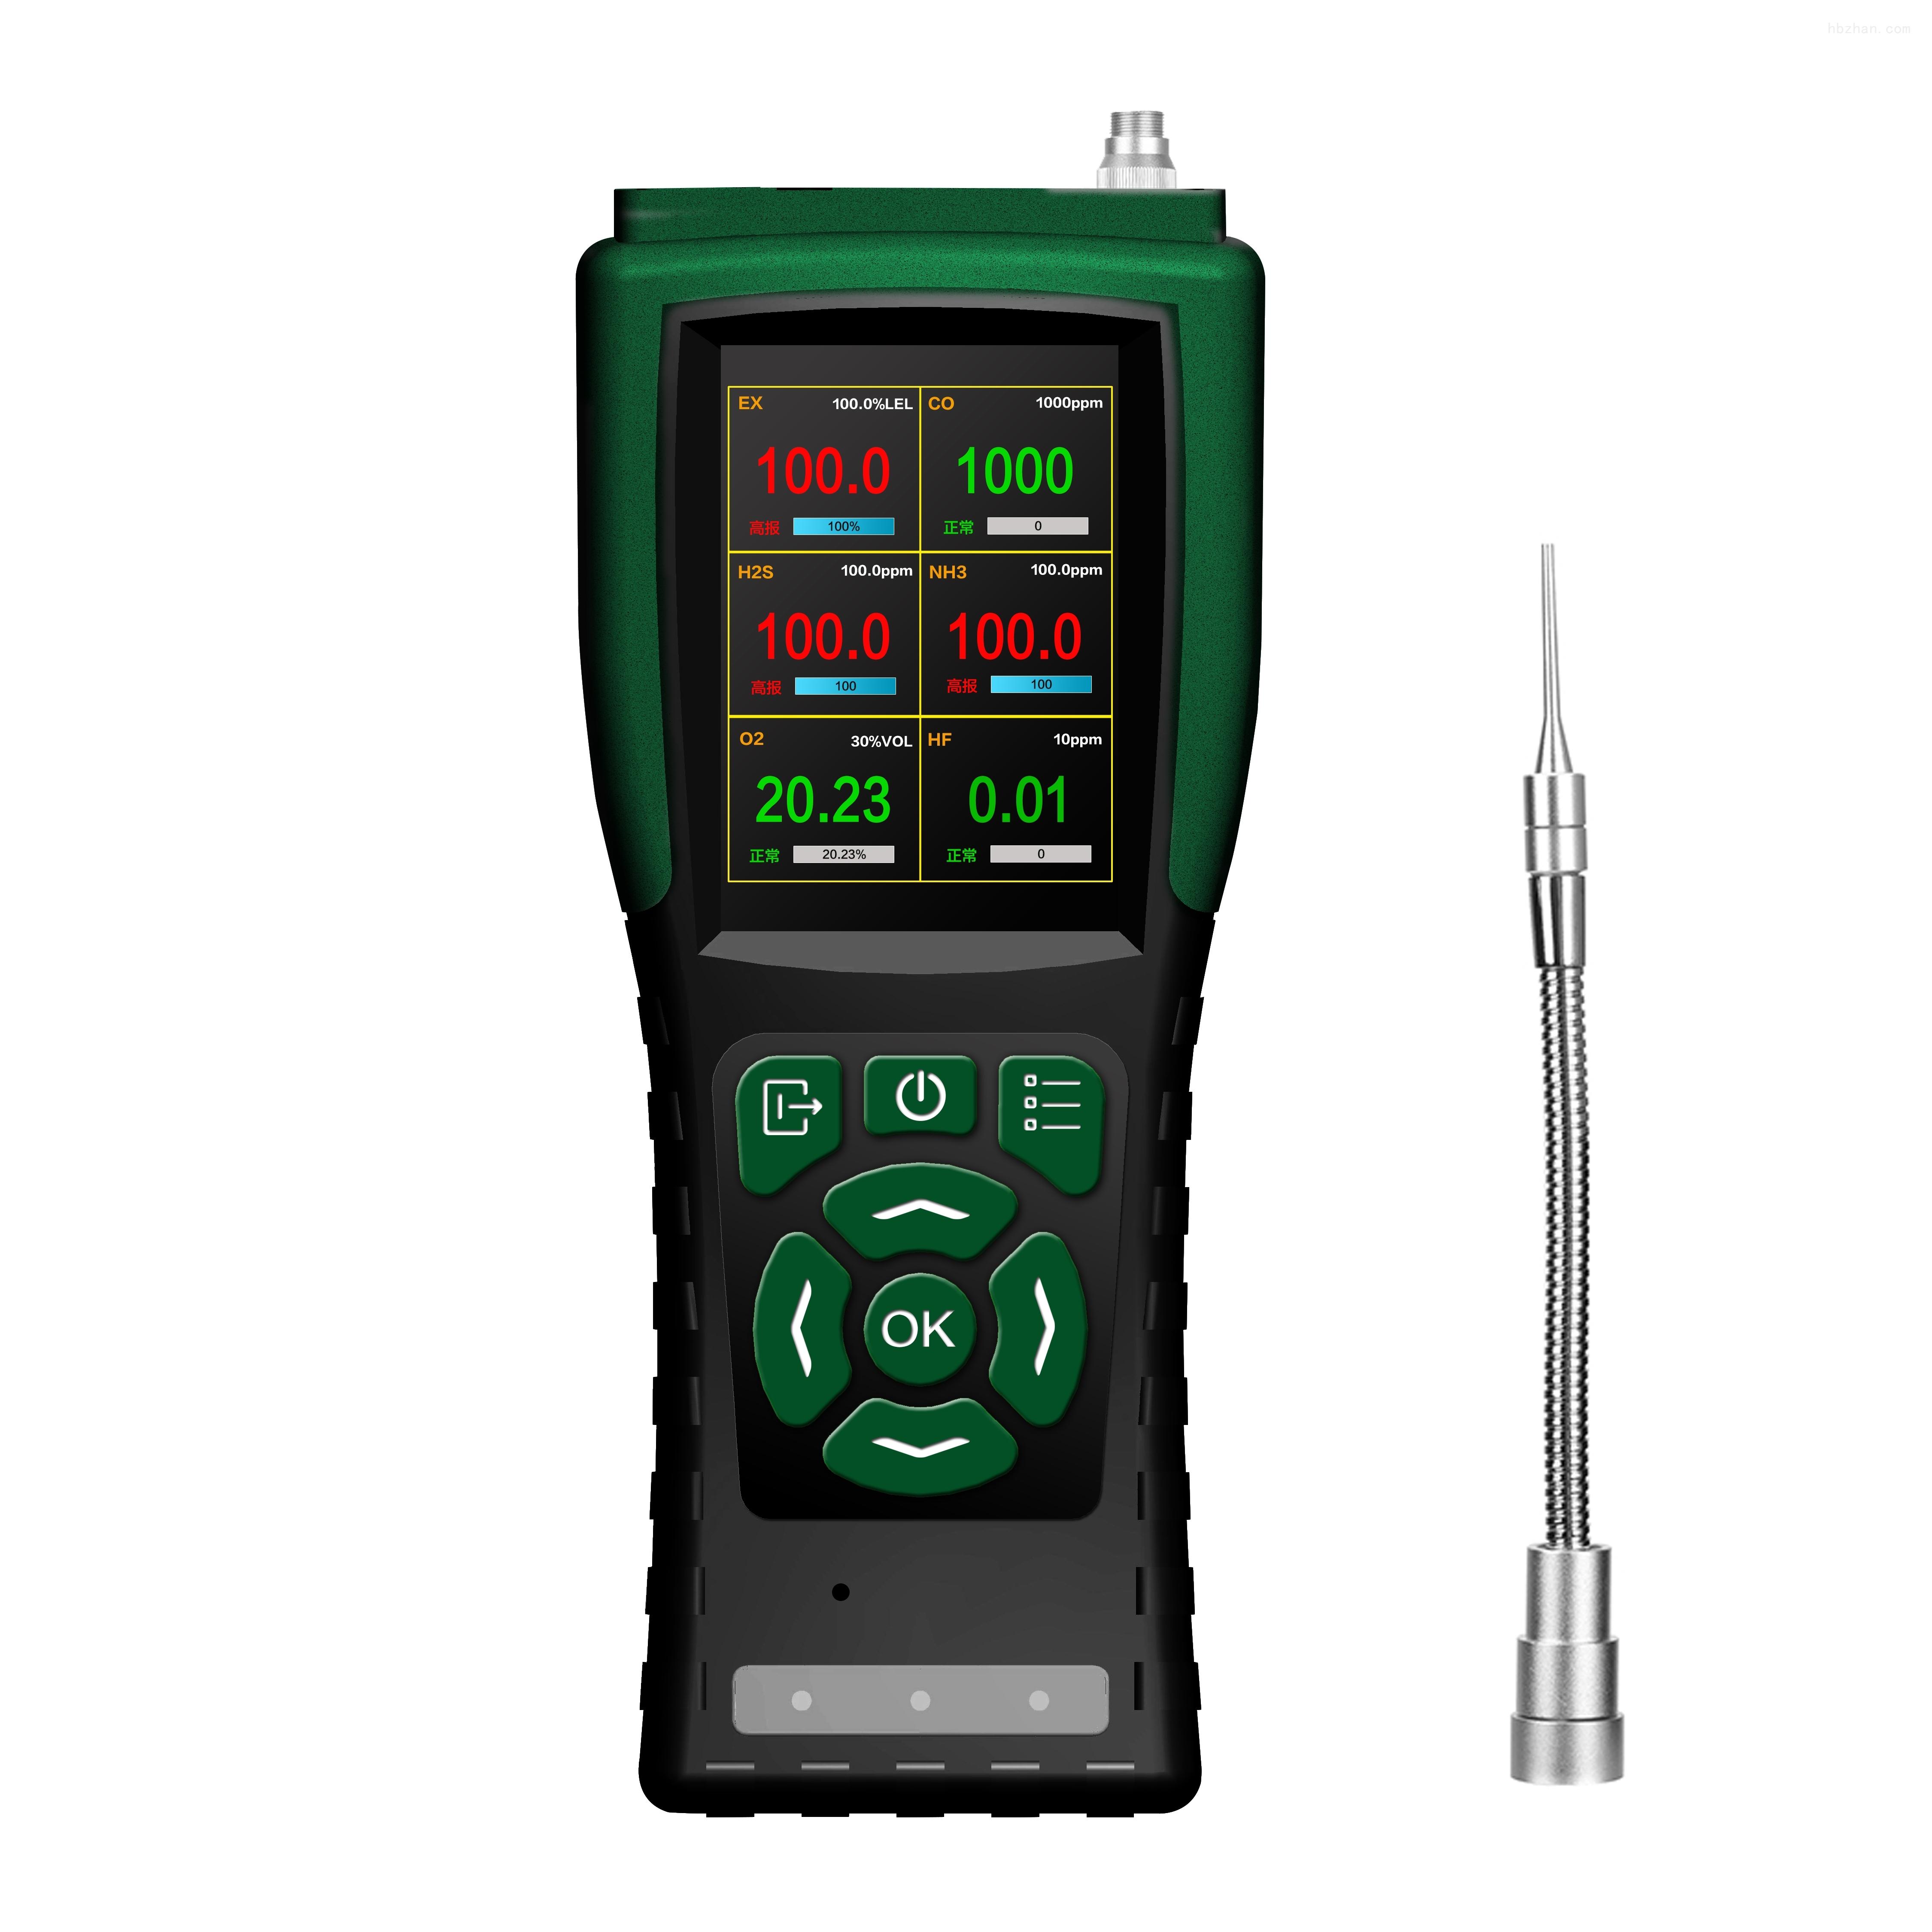 HCL便携式气体检测仪